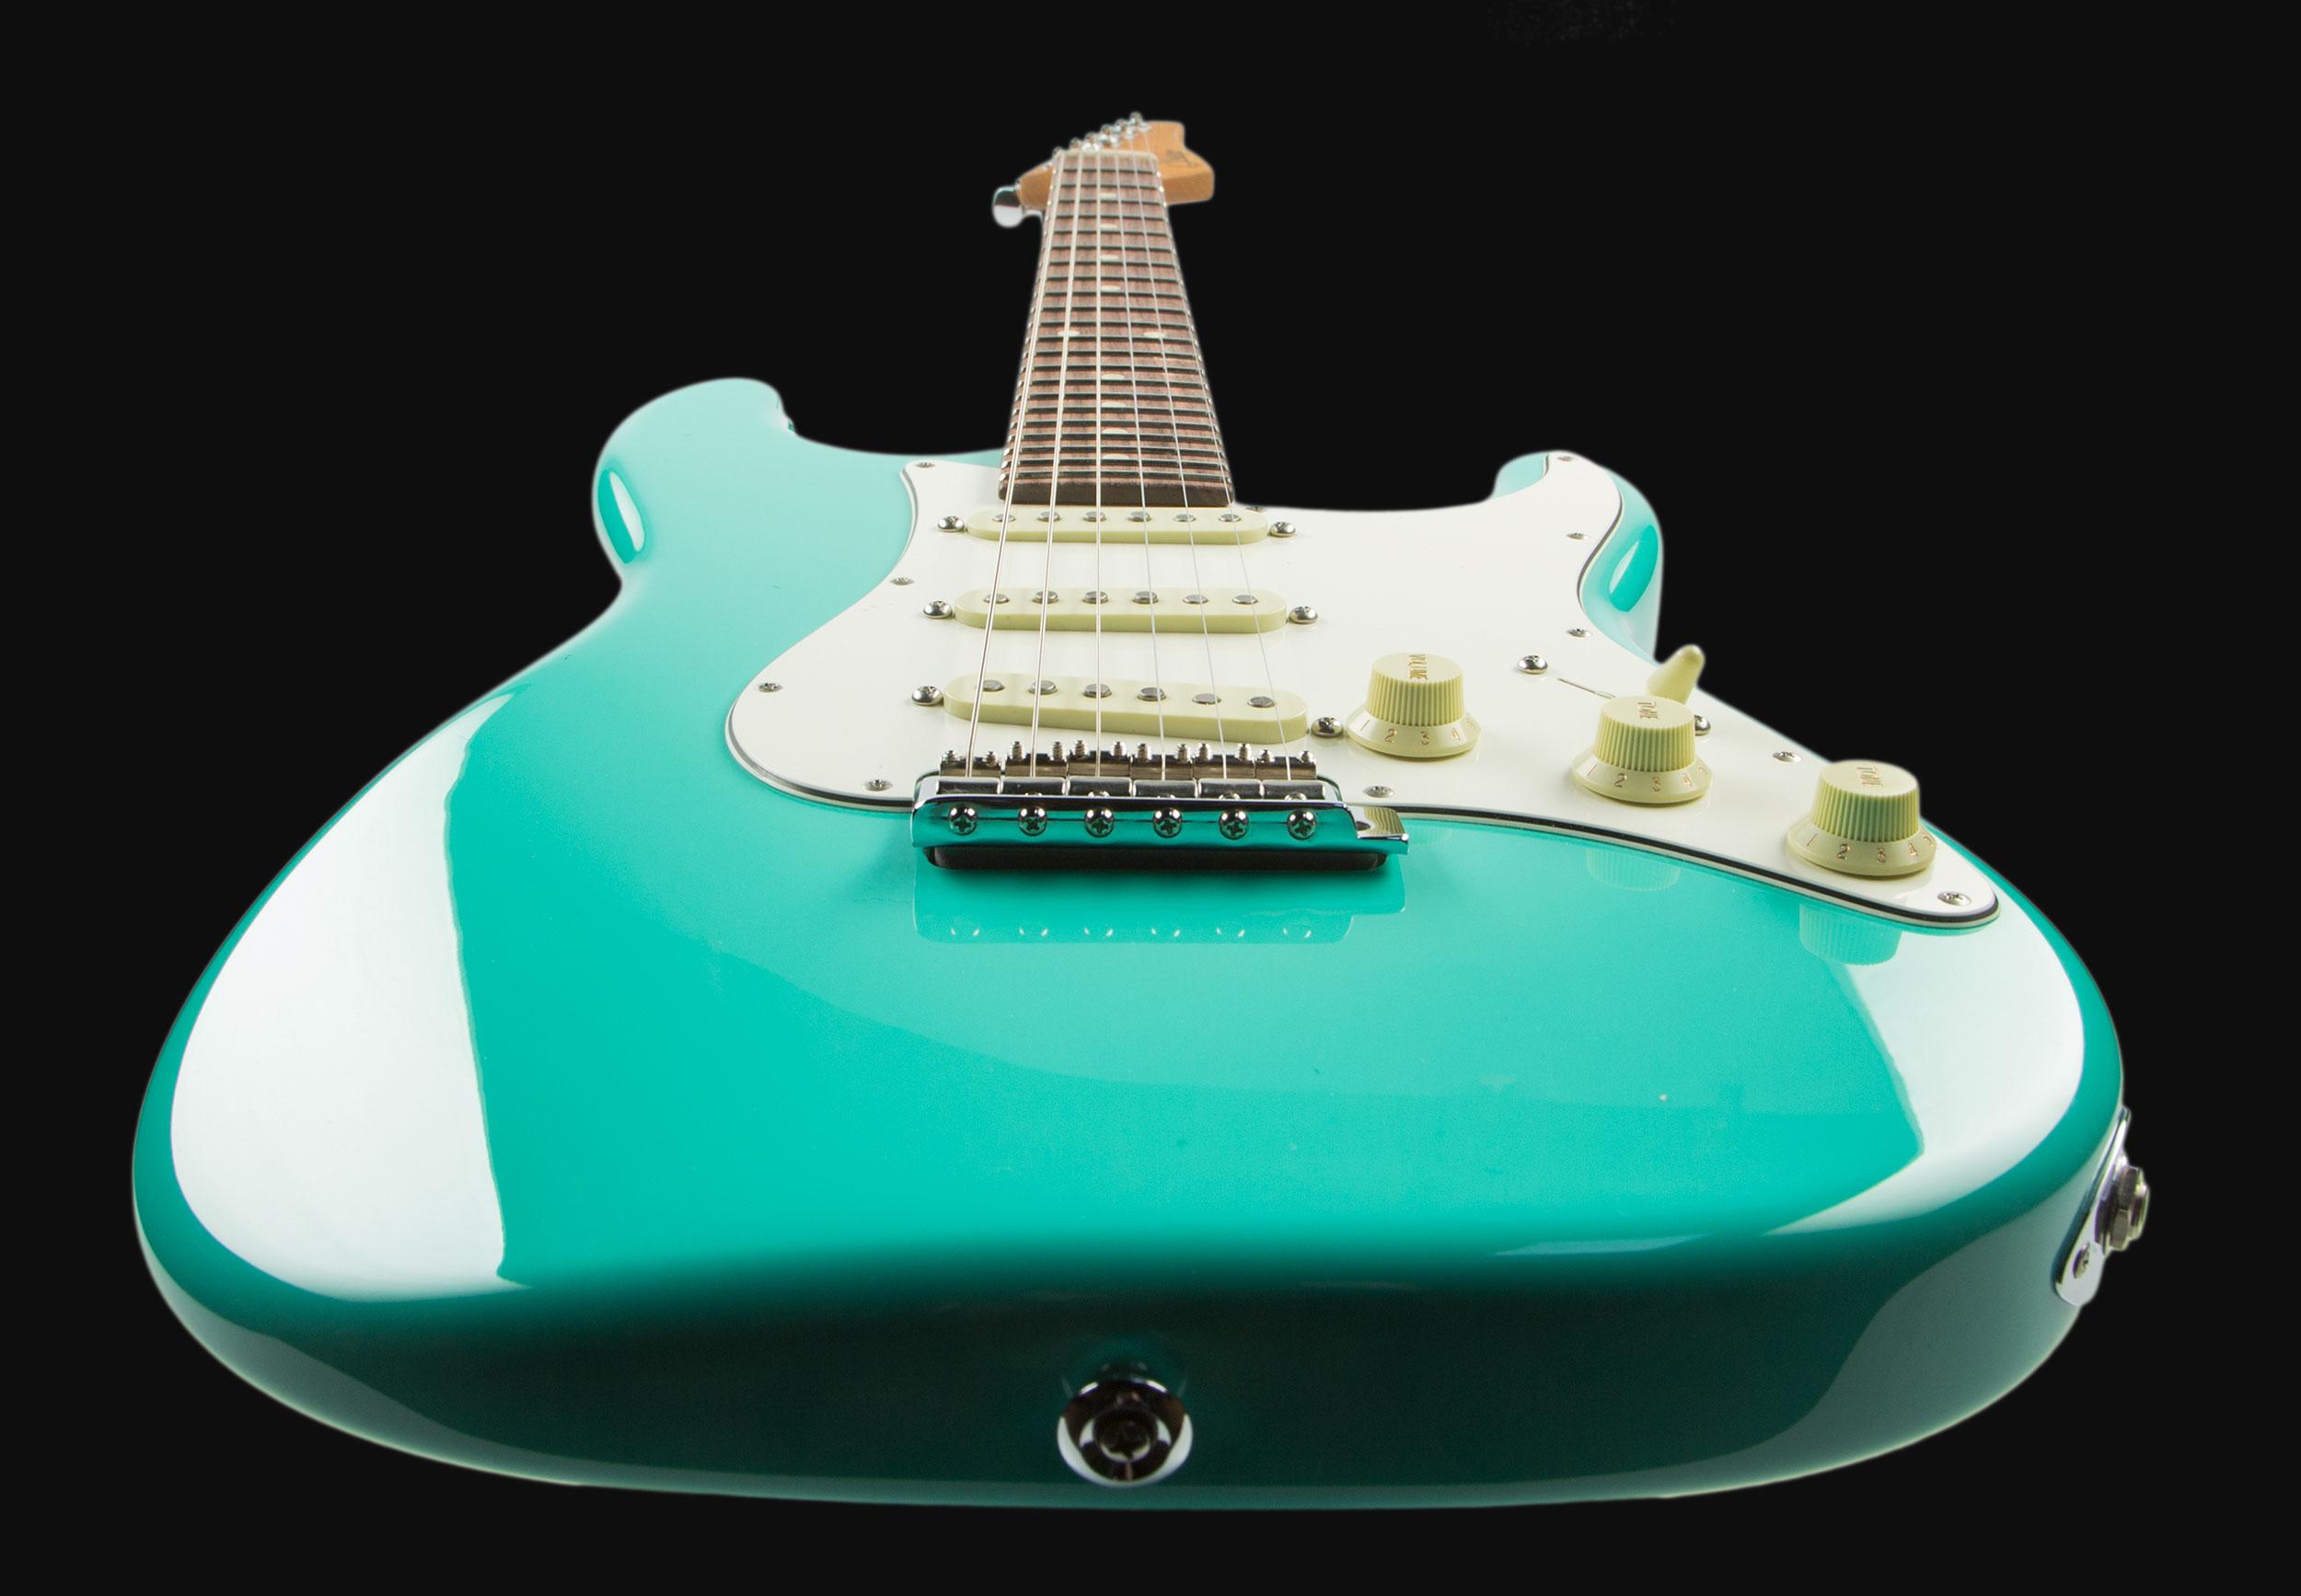 Scott Henderson Wiring Diagram Suhr Guitar 32059 003